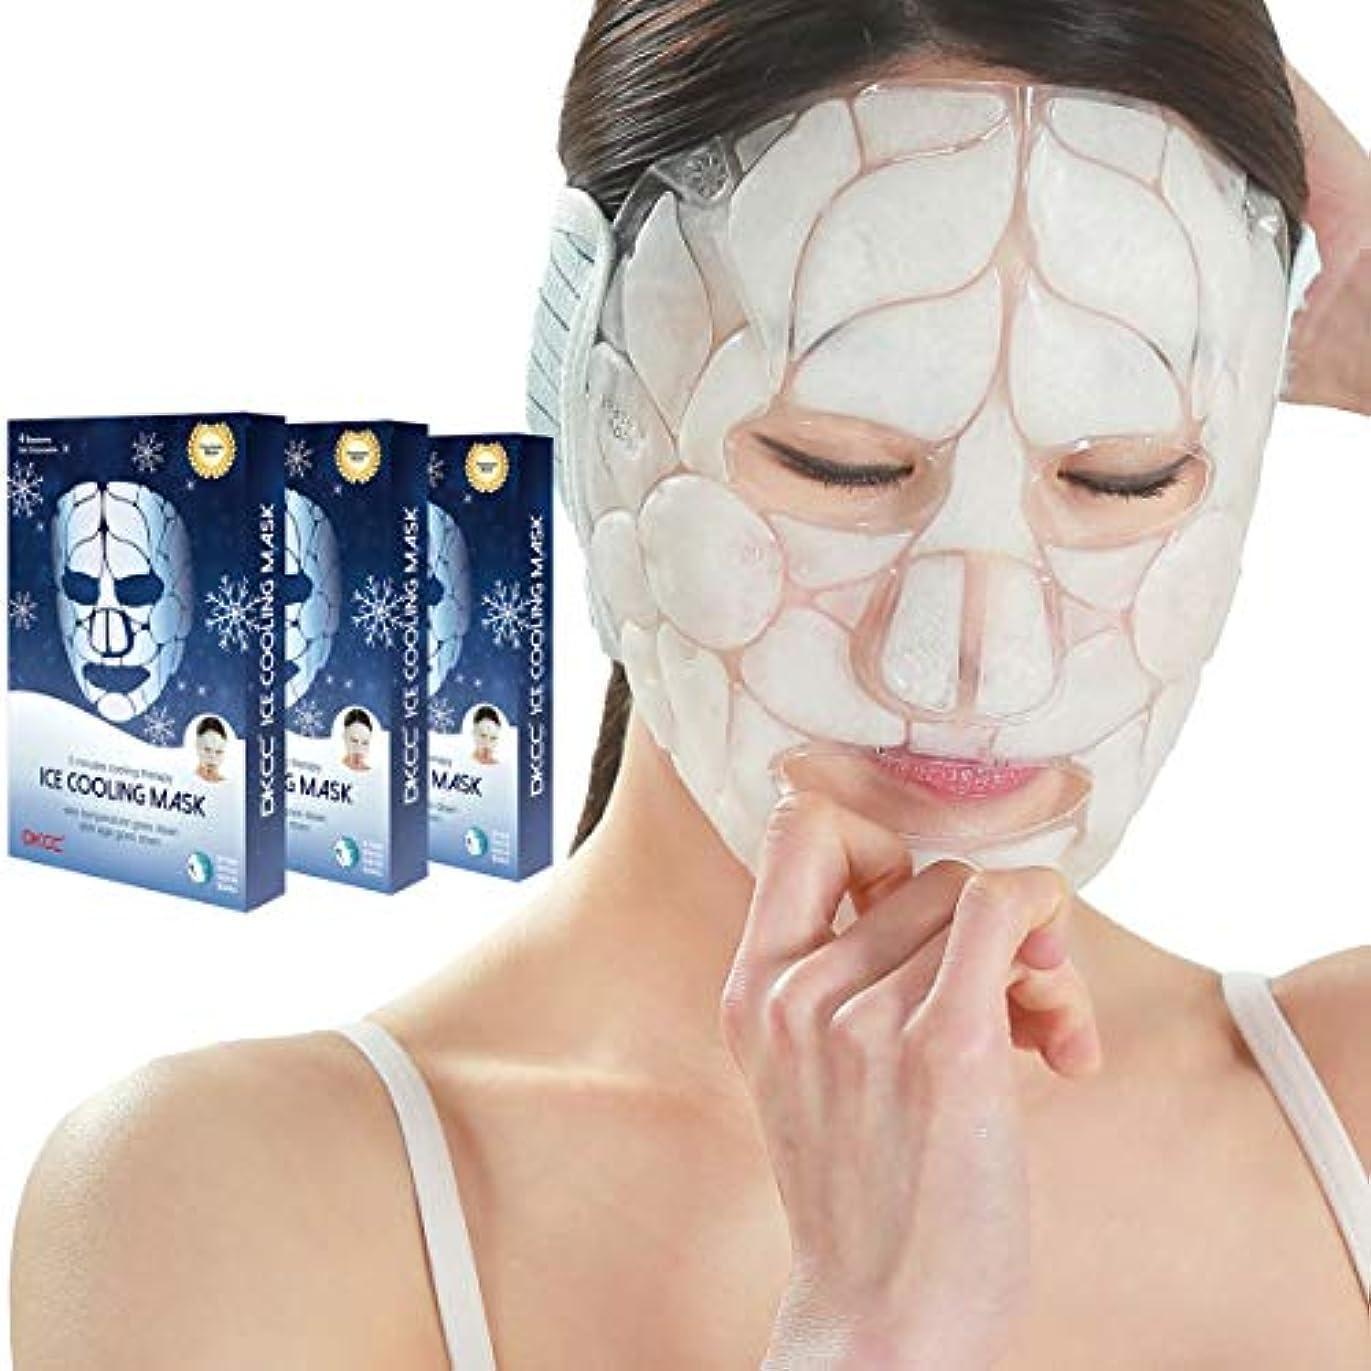 完璧いくつかのドロップDKCC アイスクーリングマスク